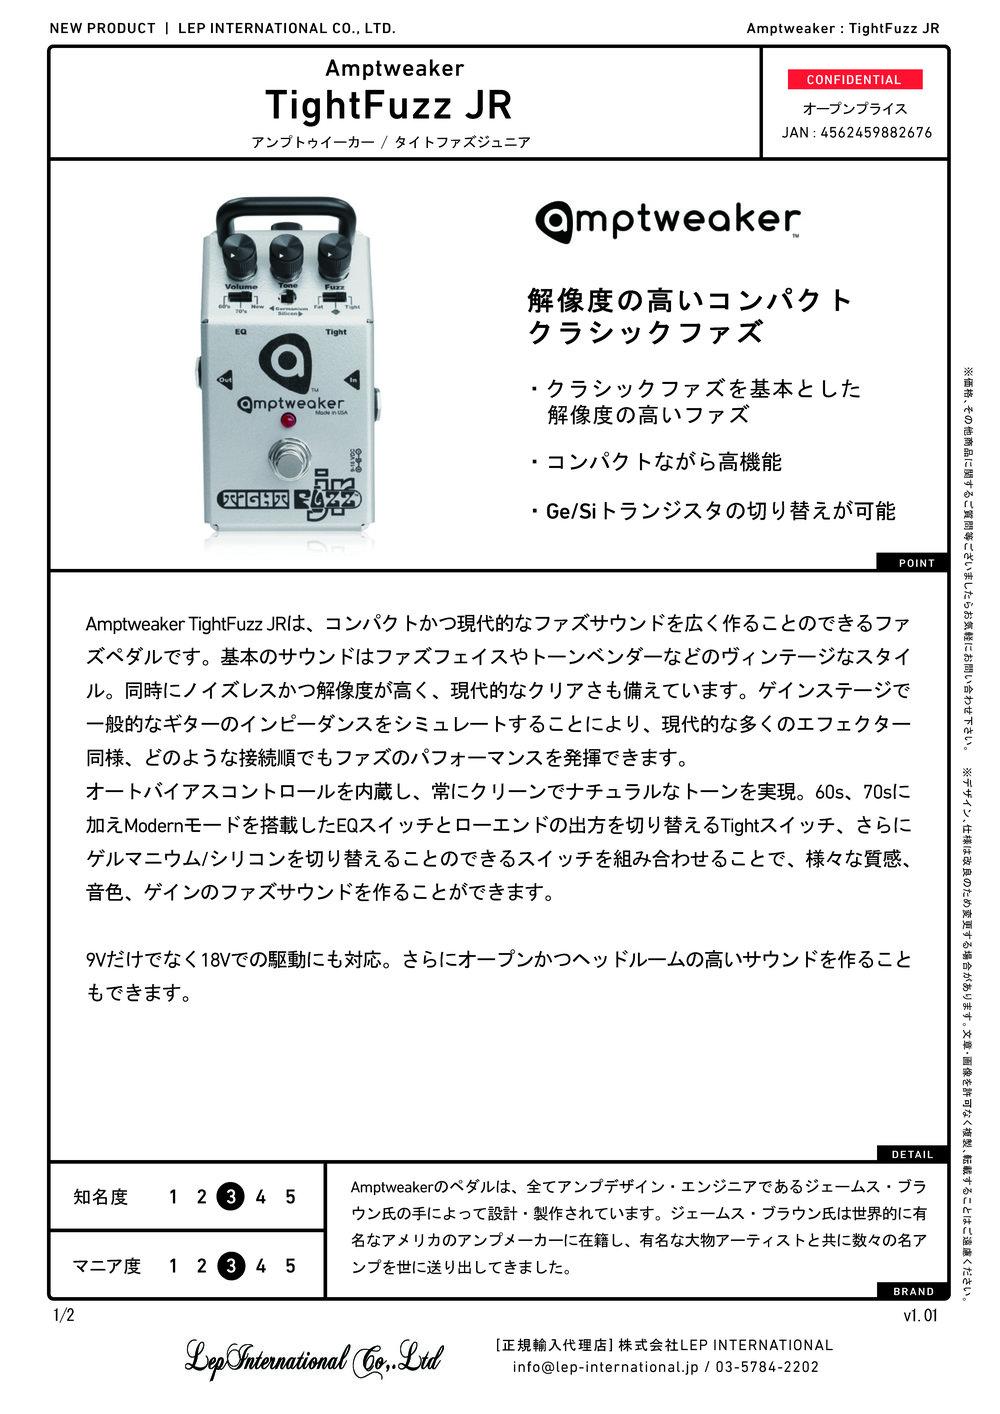 amptweaker tightfuzzjr v1.01_ページ_1.jpg